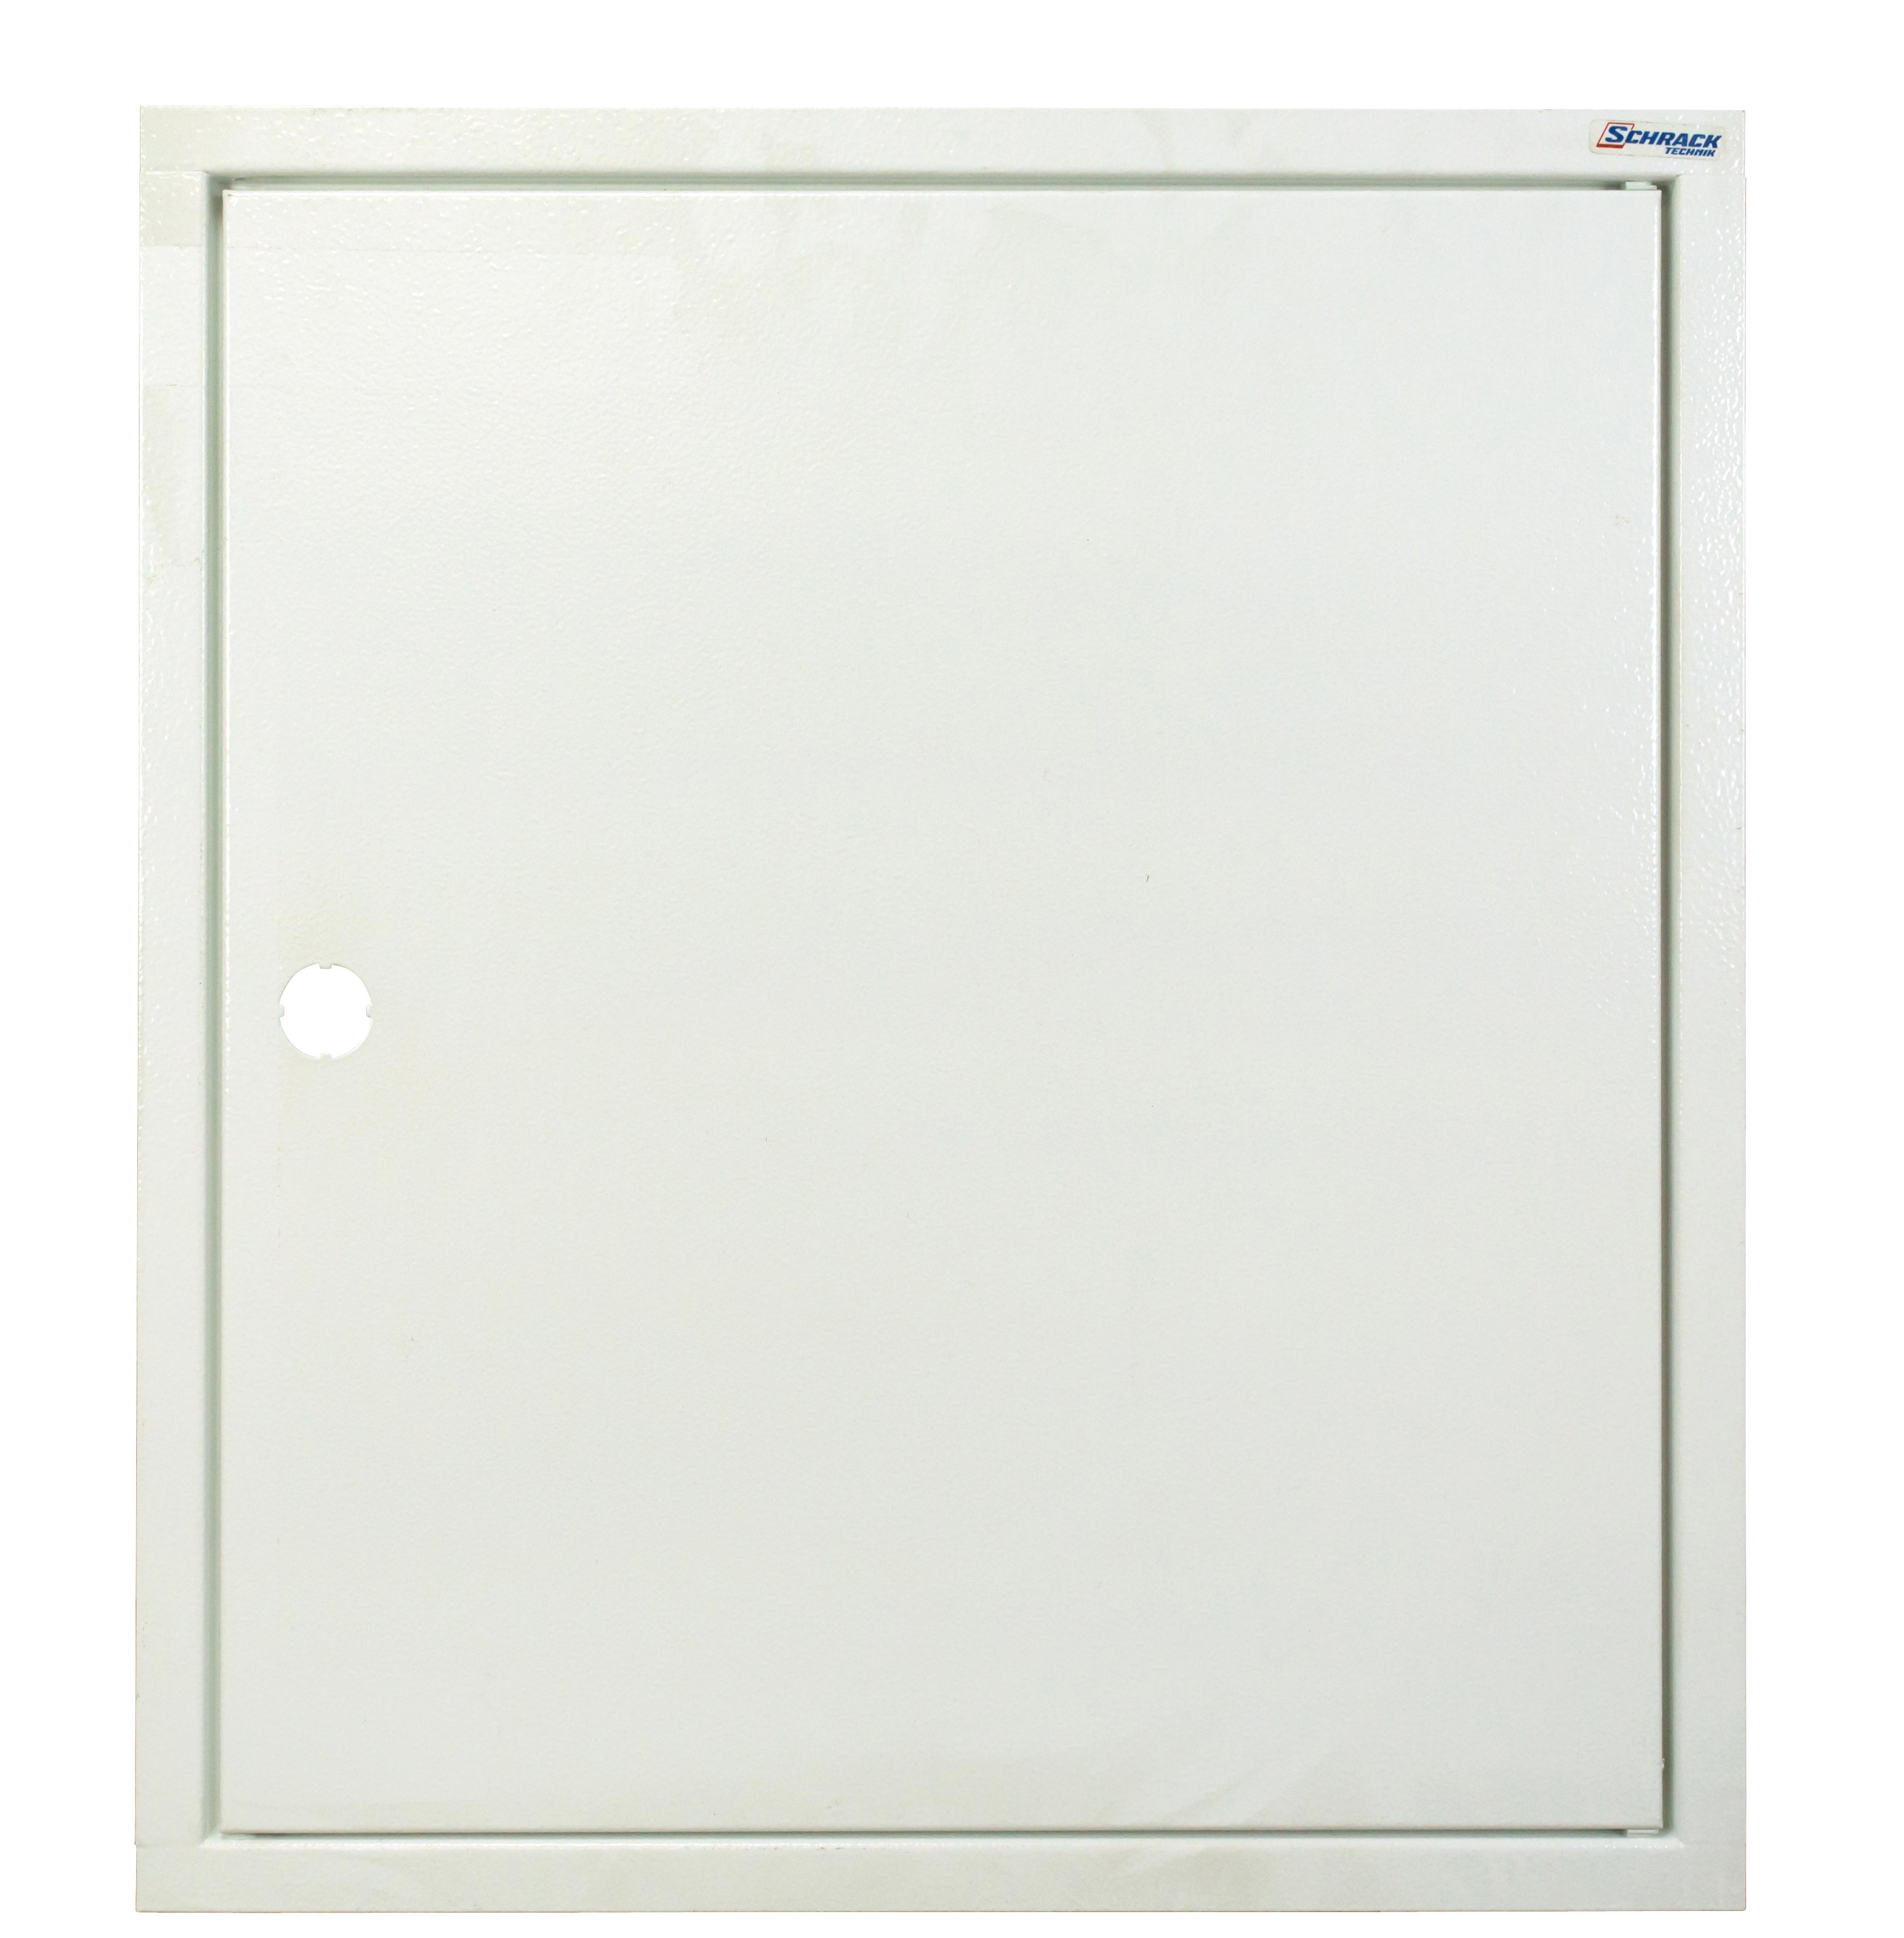 1 Stk Unterputz-Rahmen mit Türe 3U-12 flach, H640B810T100mm IL012312-F